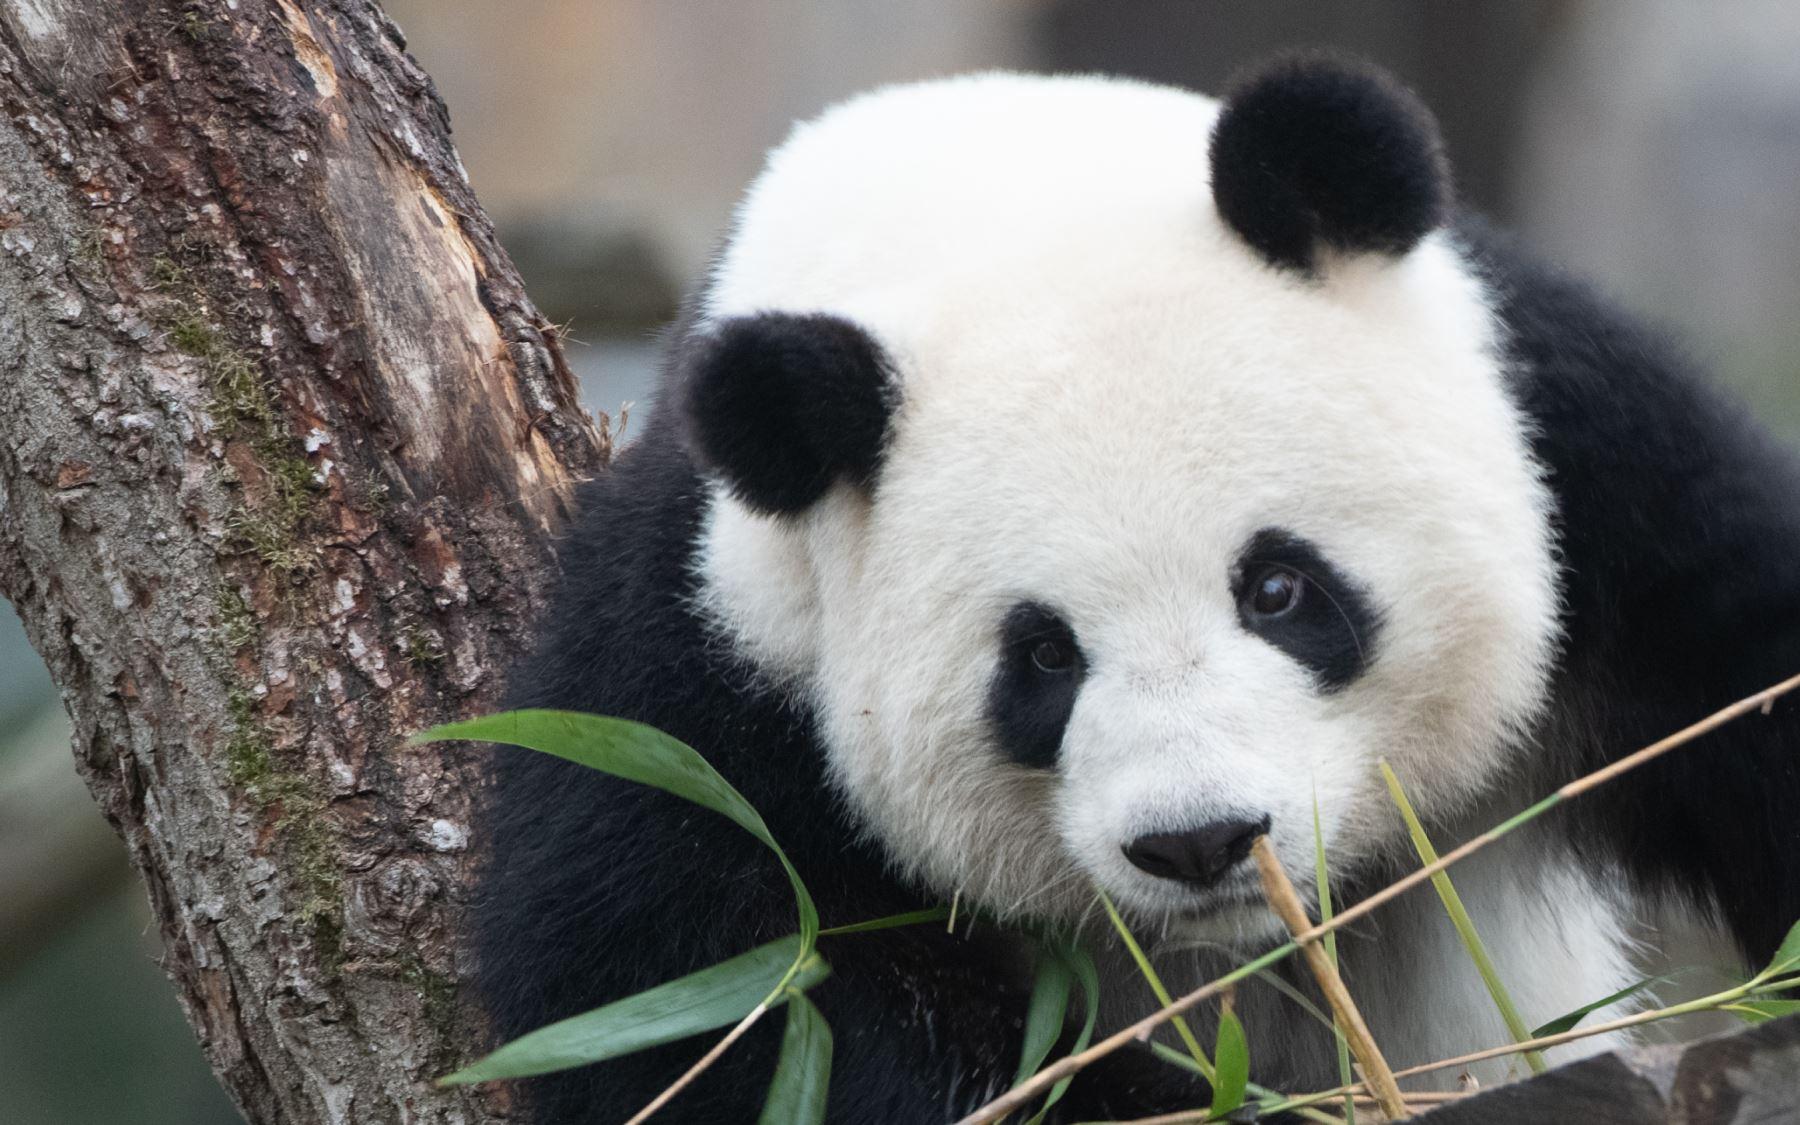 El panda Meng Meng observa a los visitantes en el zoológico Zoologischer Garten en Berlín. AFP